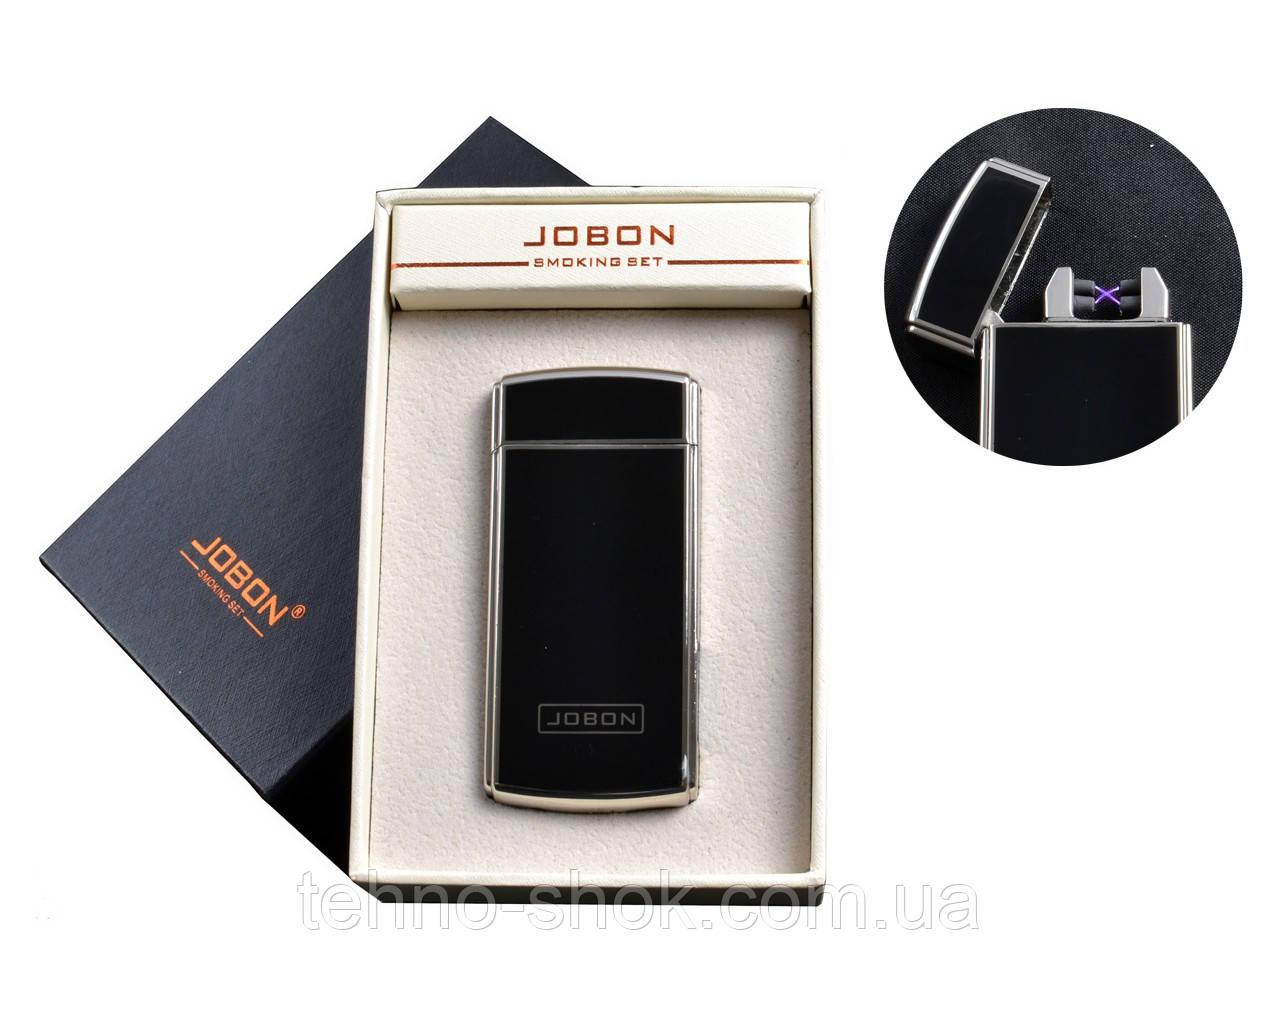 USB зажигалка JOBON с двумя перекрестными молниями и счетчиком использования (Электроимпульсная)